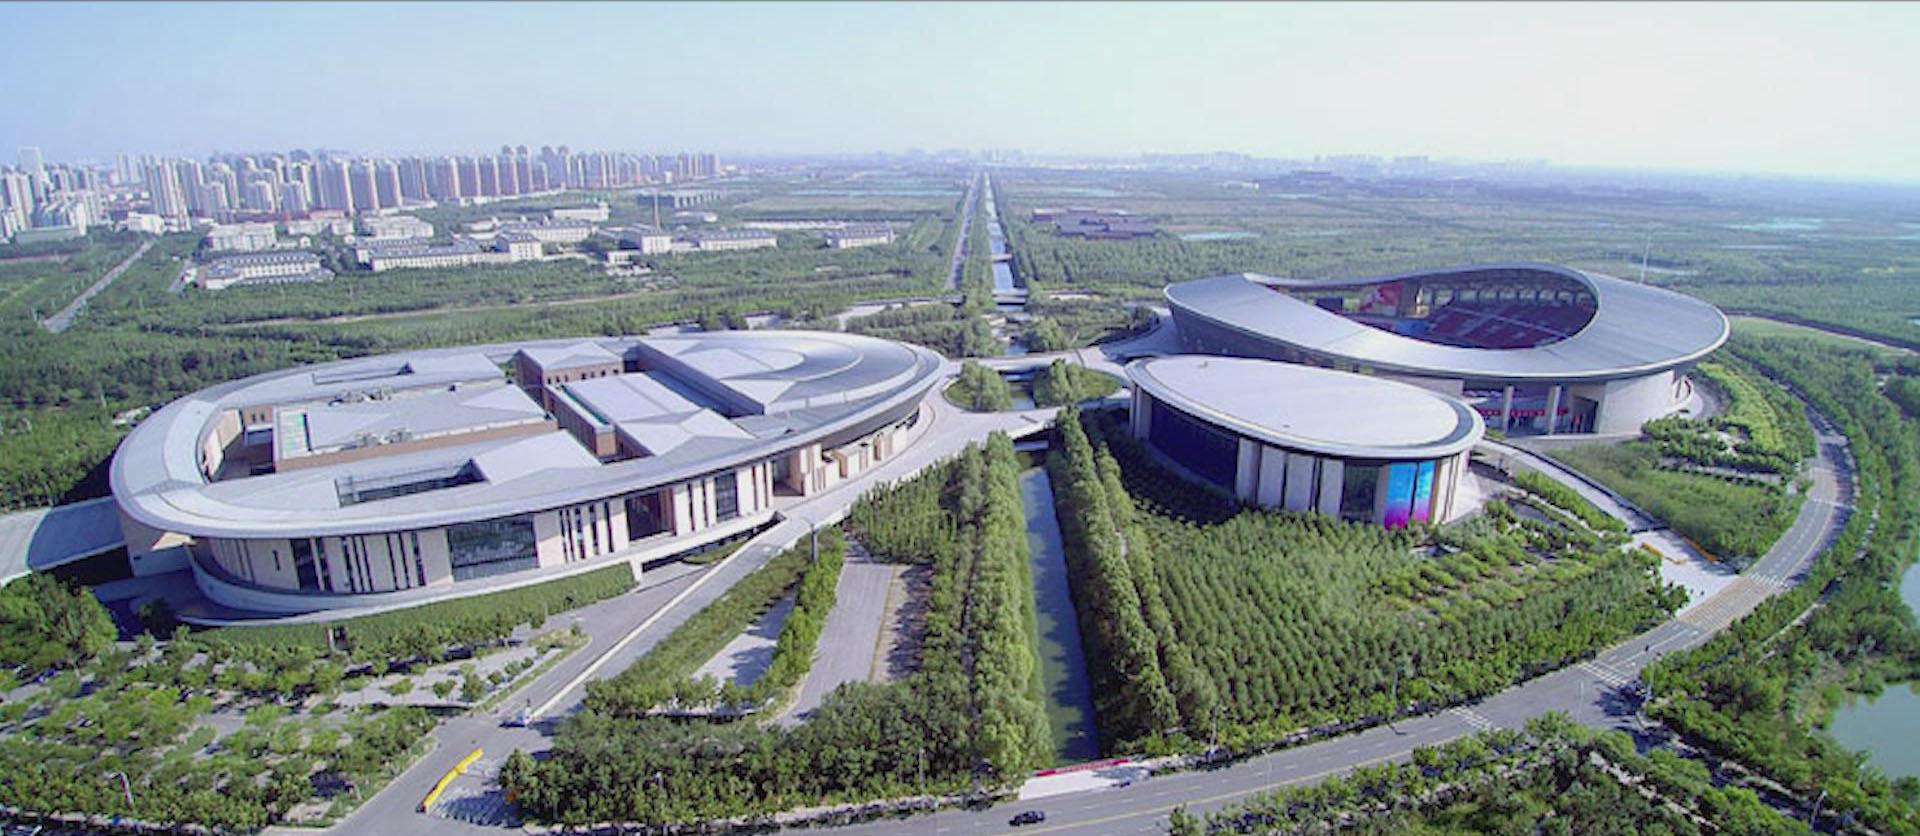 與部分典型民用建筑合作的項目-天津全運會場館